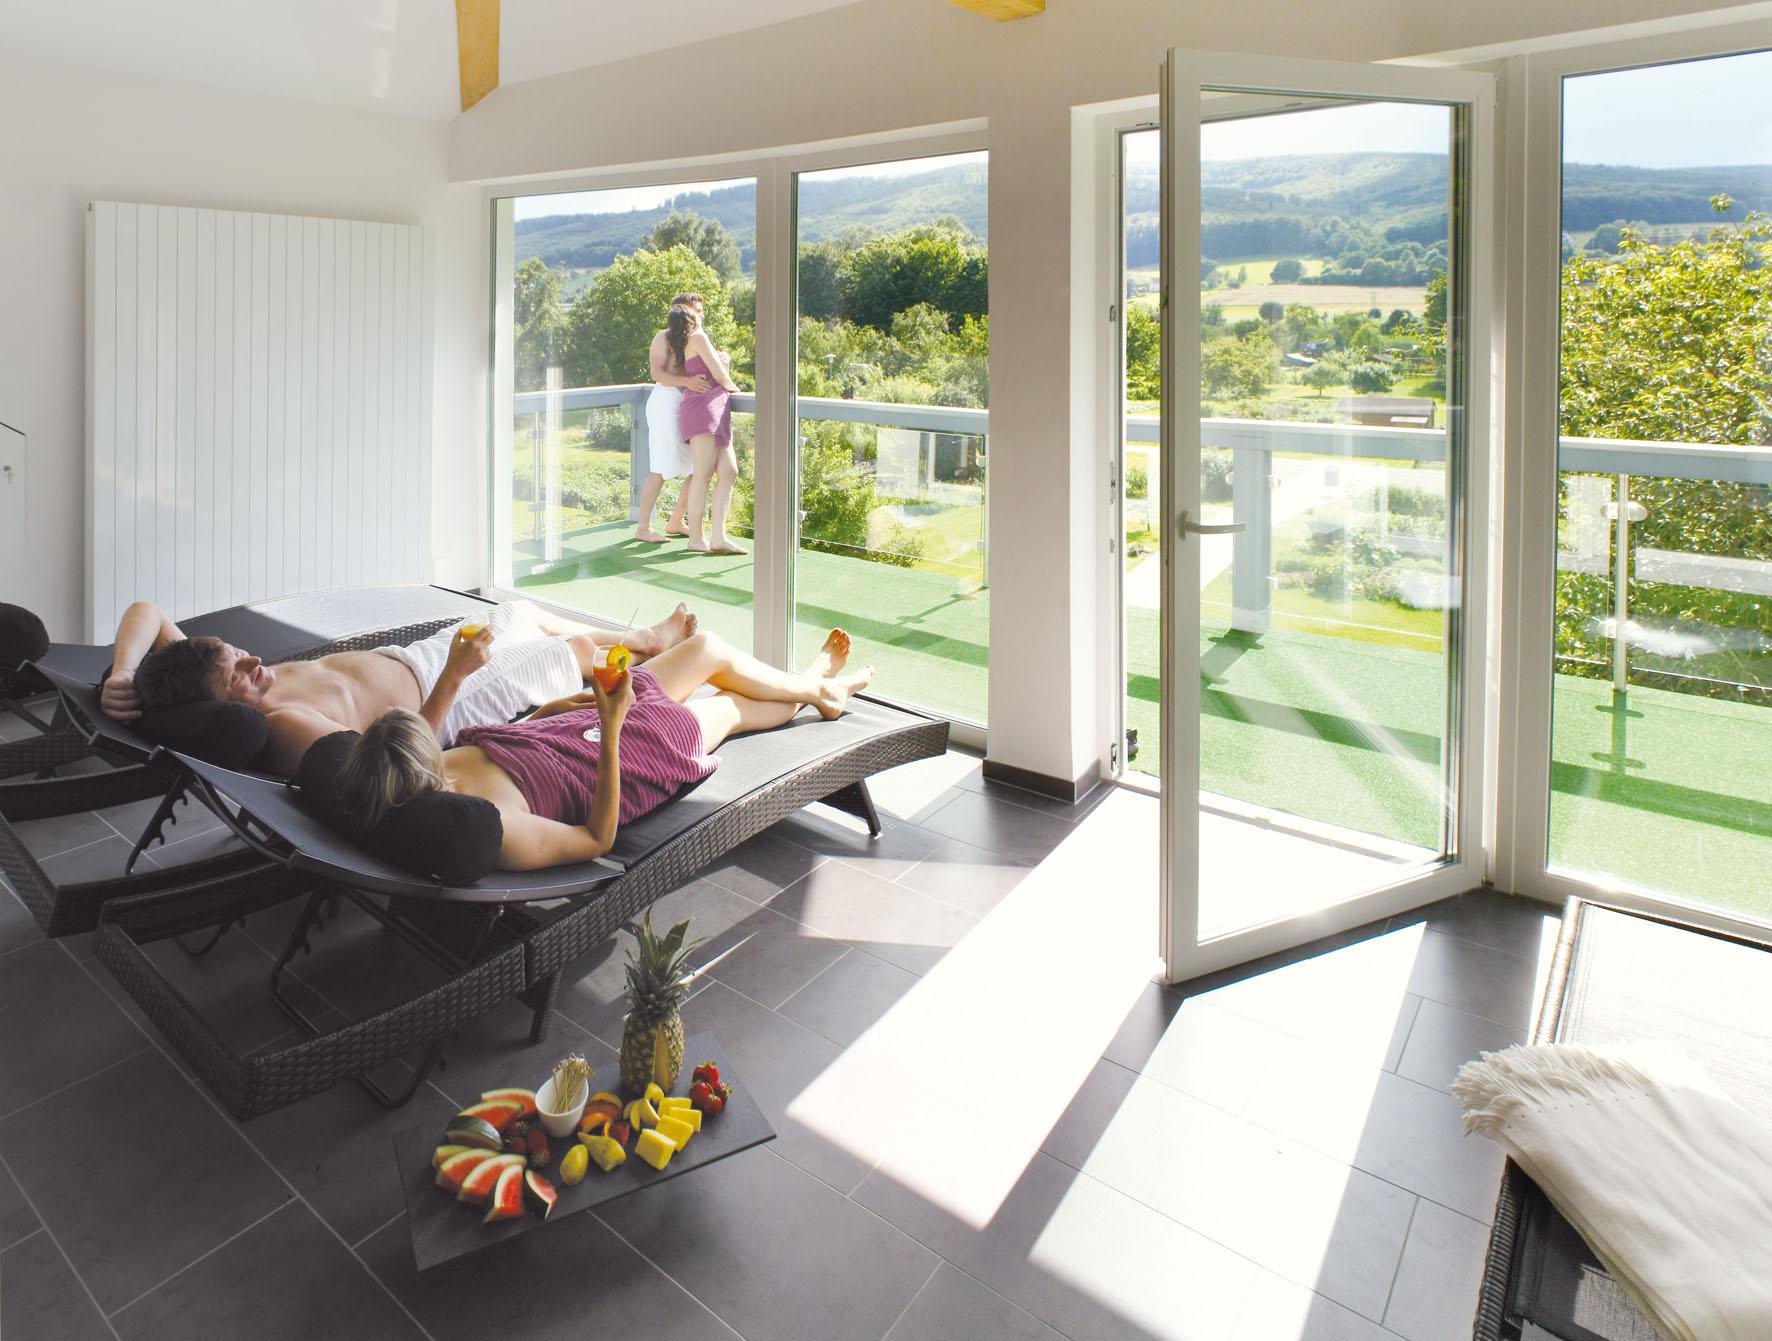 Wesertal_Hotel_Kronenhof_Wellness (1).jpg